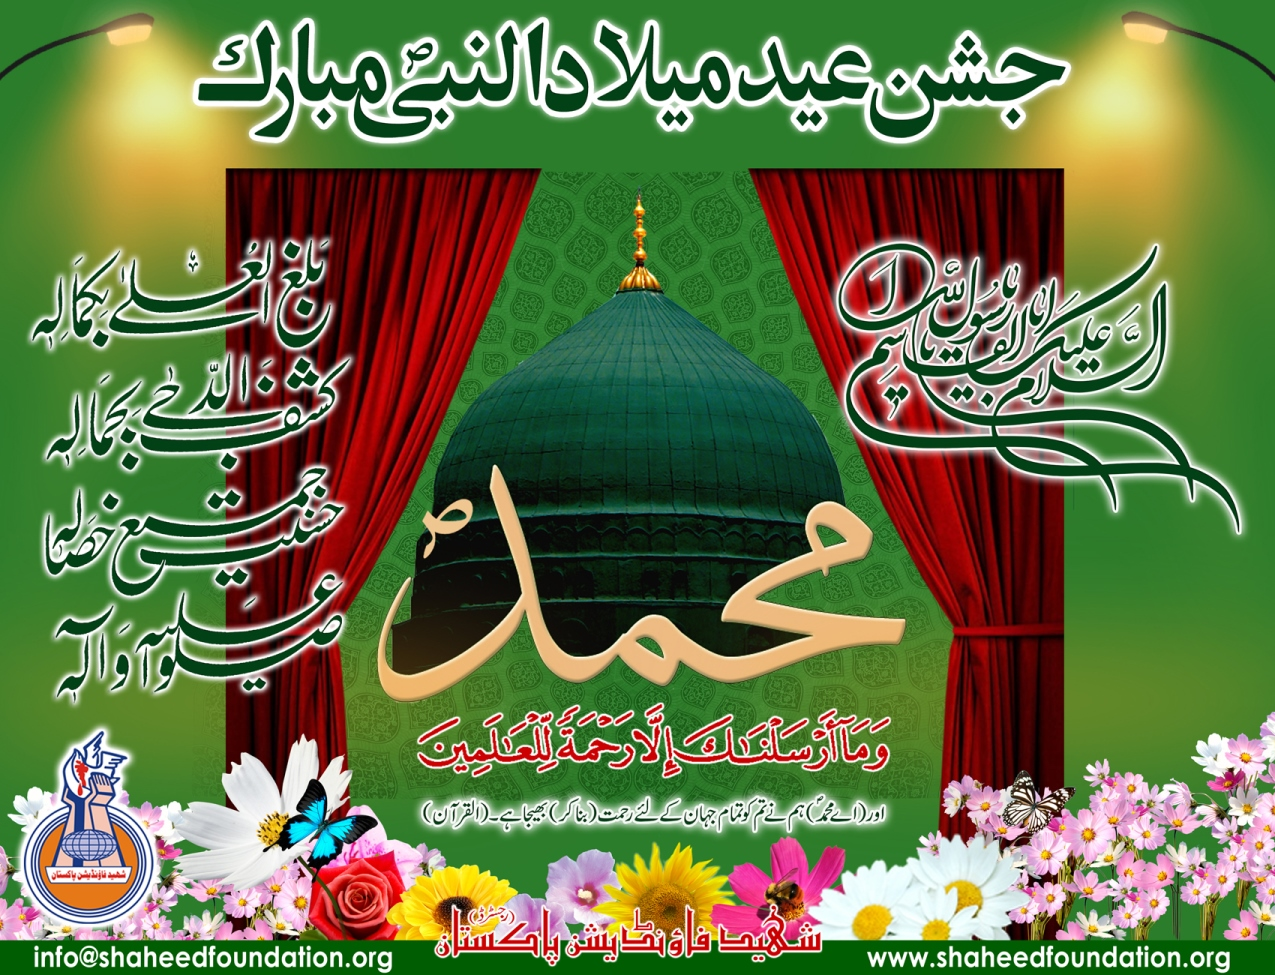 12th Rabi-ul-Awwal to 17th Rabi-ul-Awwal: Hafta-e-Wahdat-e-Islami